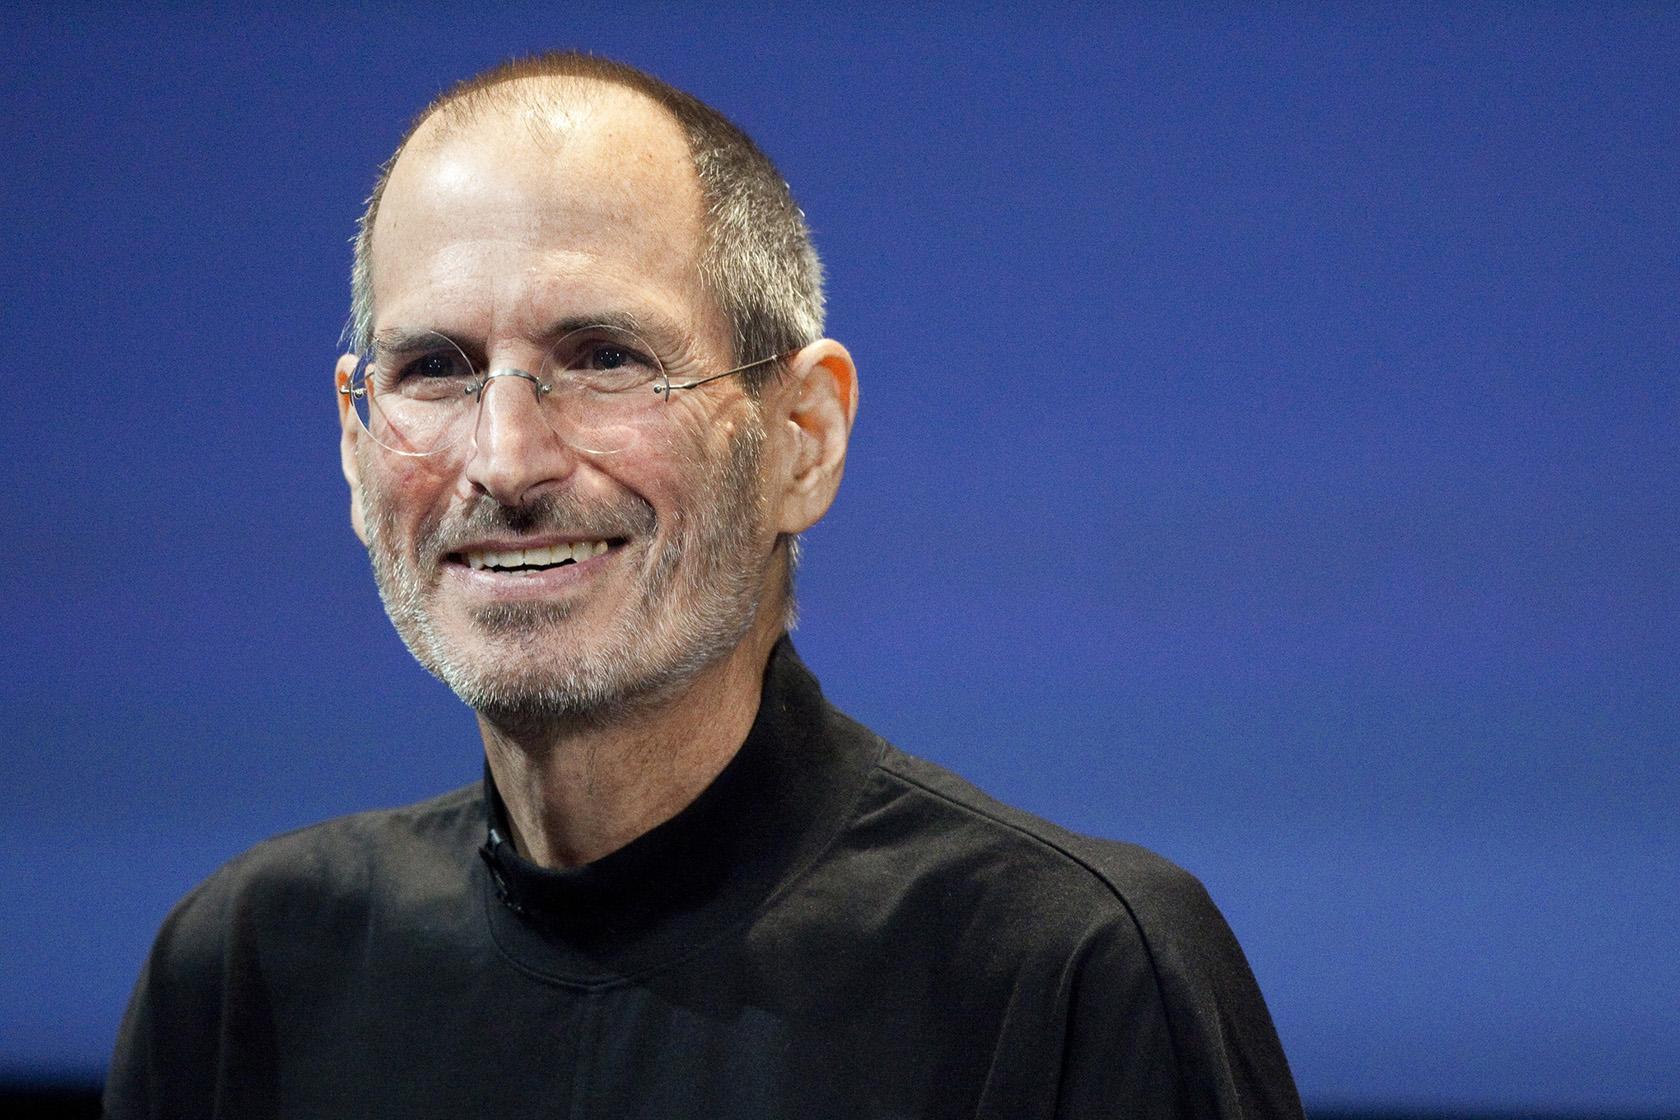 Обои для компьютера, которые сделал Стив Джобс